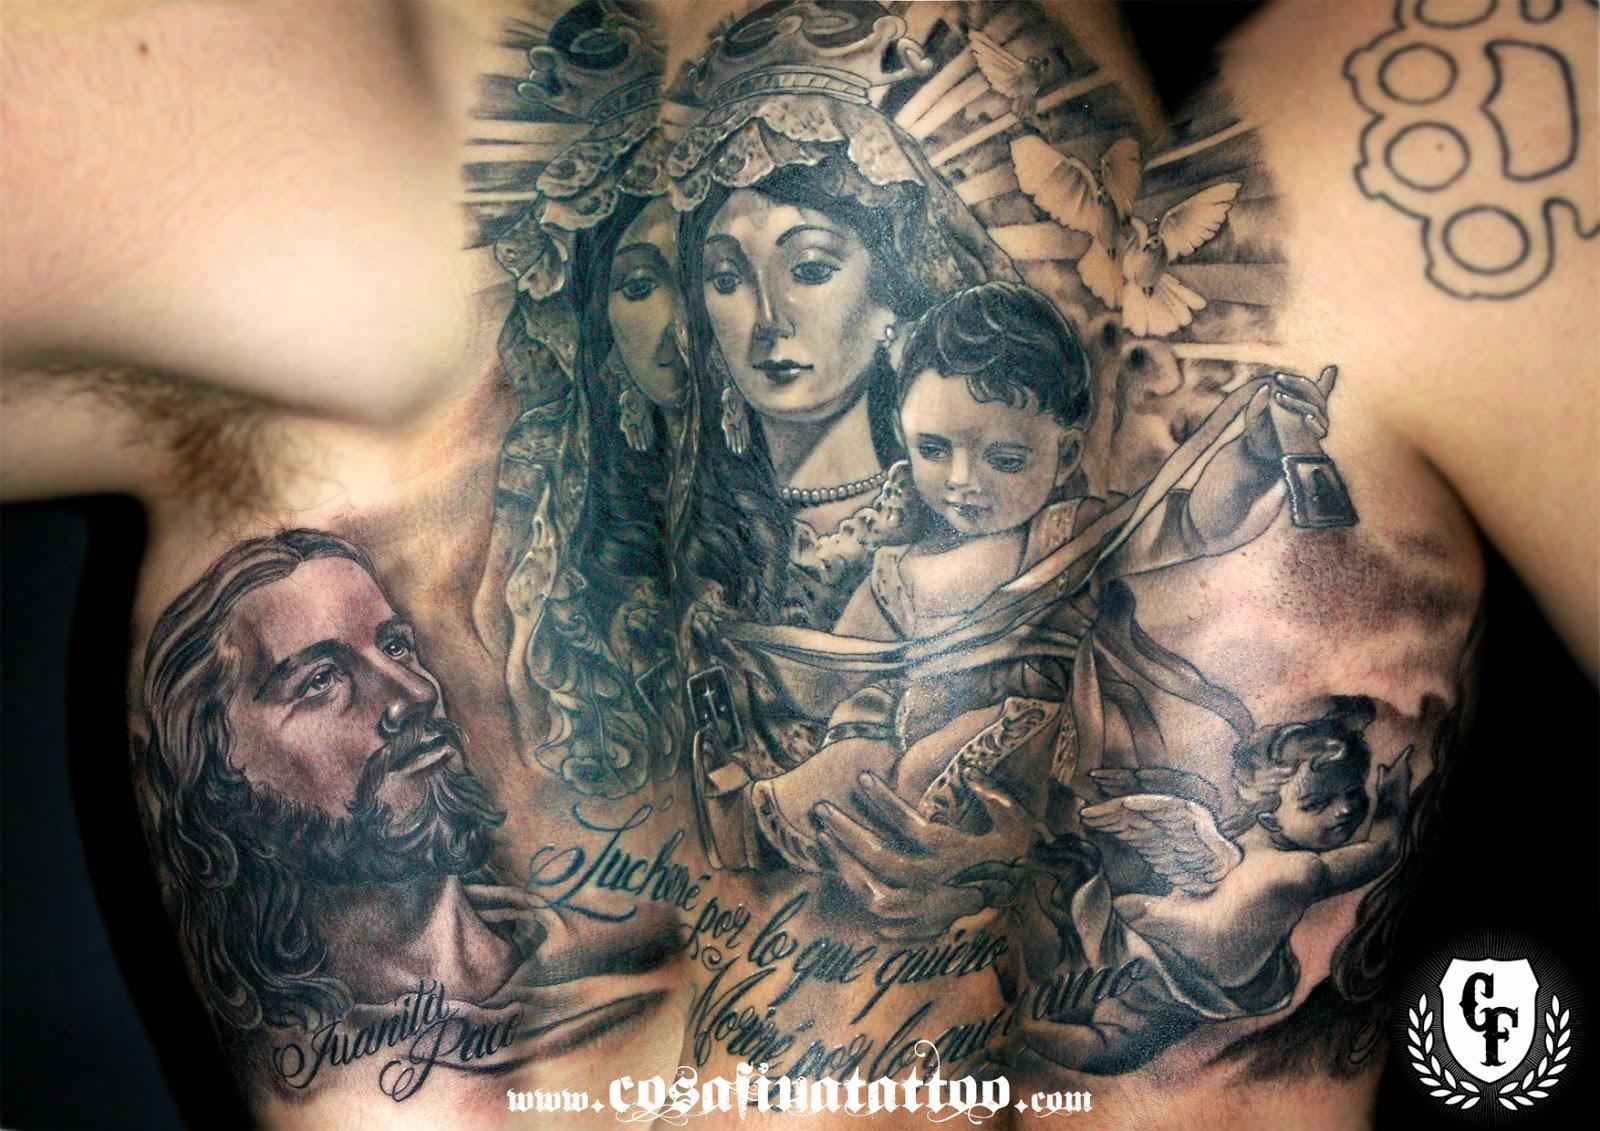 Tatuajes En El Brazo Sombras cosafina tattoo carlos art studio: tatuaje realista brazo religioso